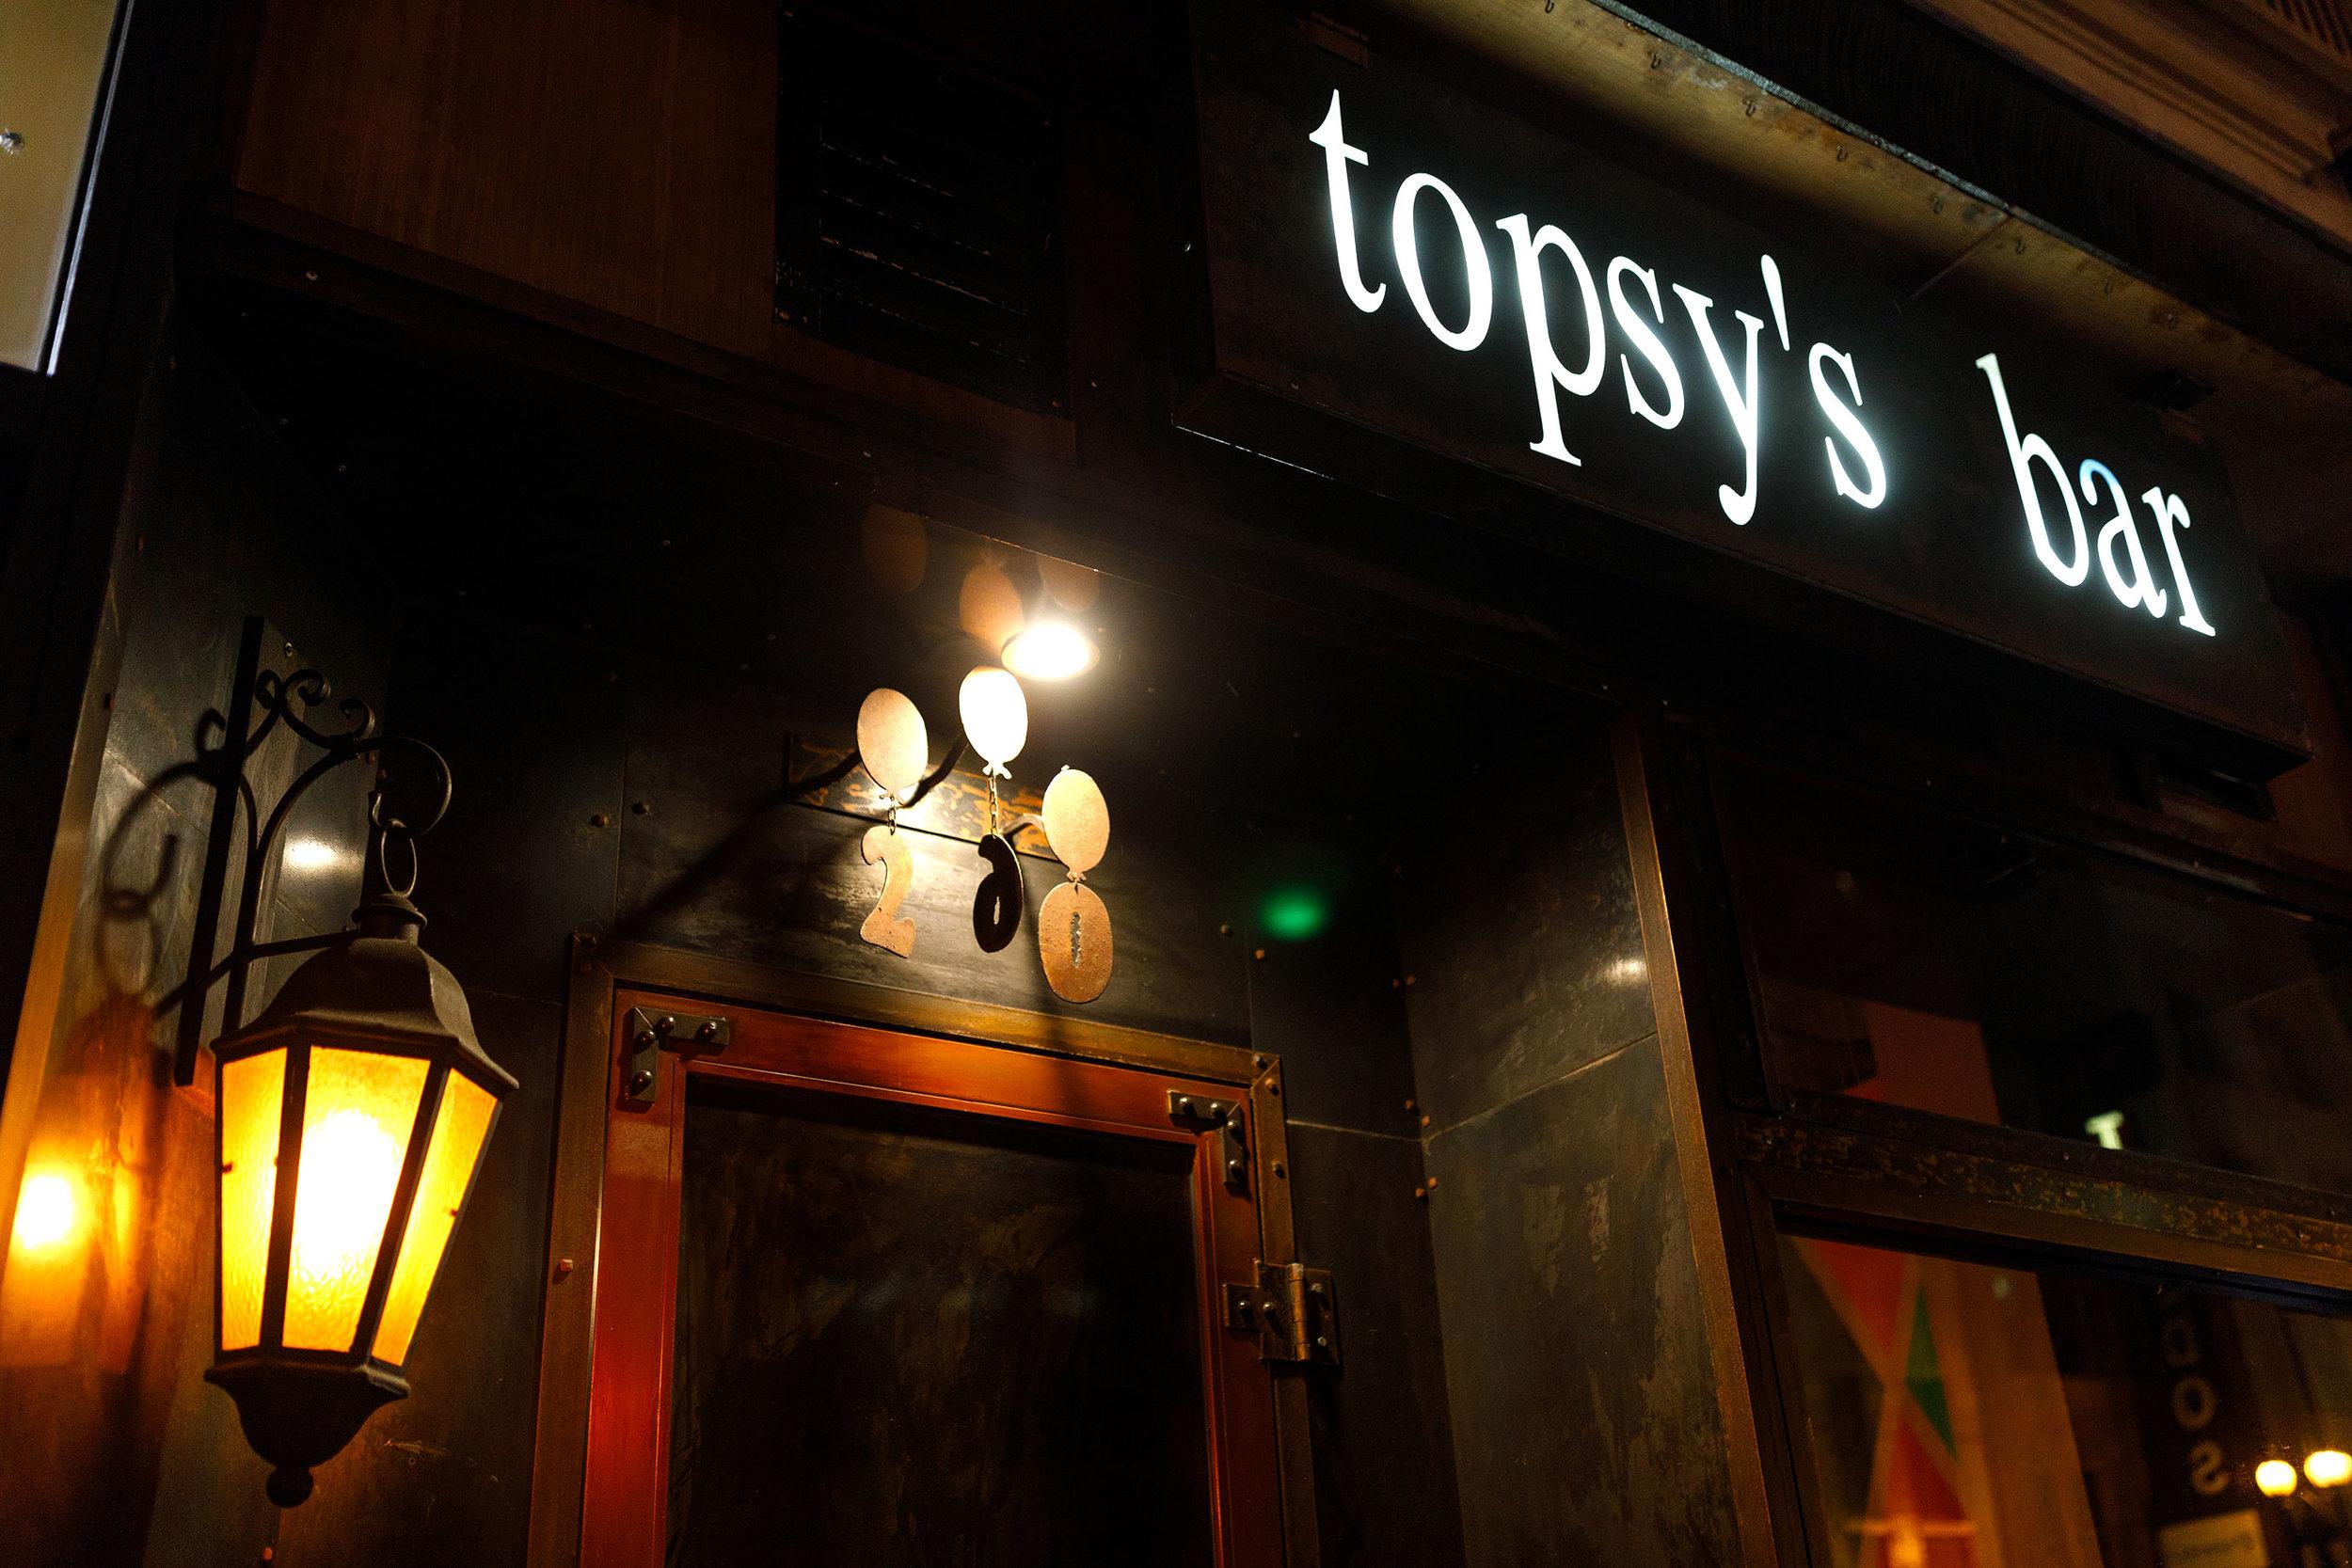 Topsy's Bar - Entrance